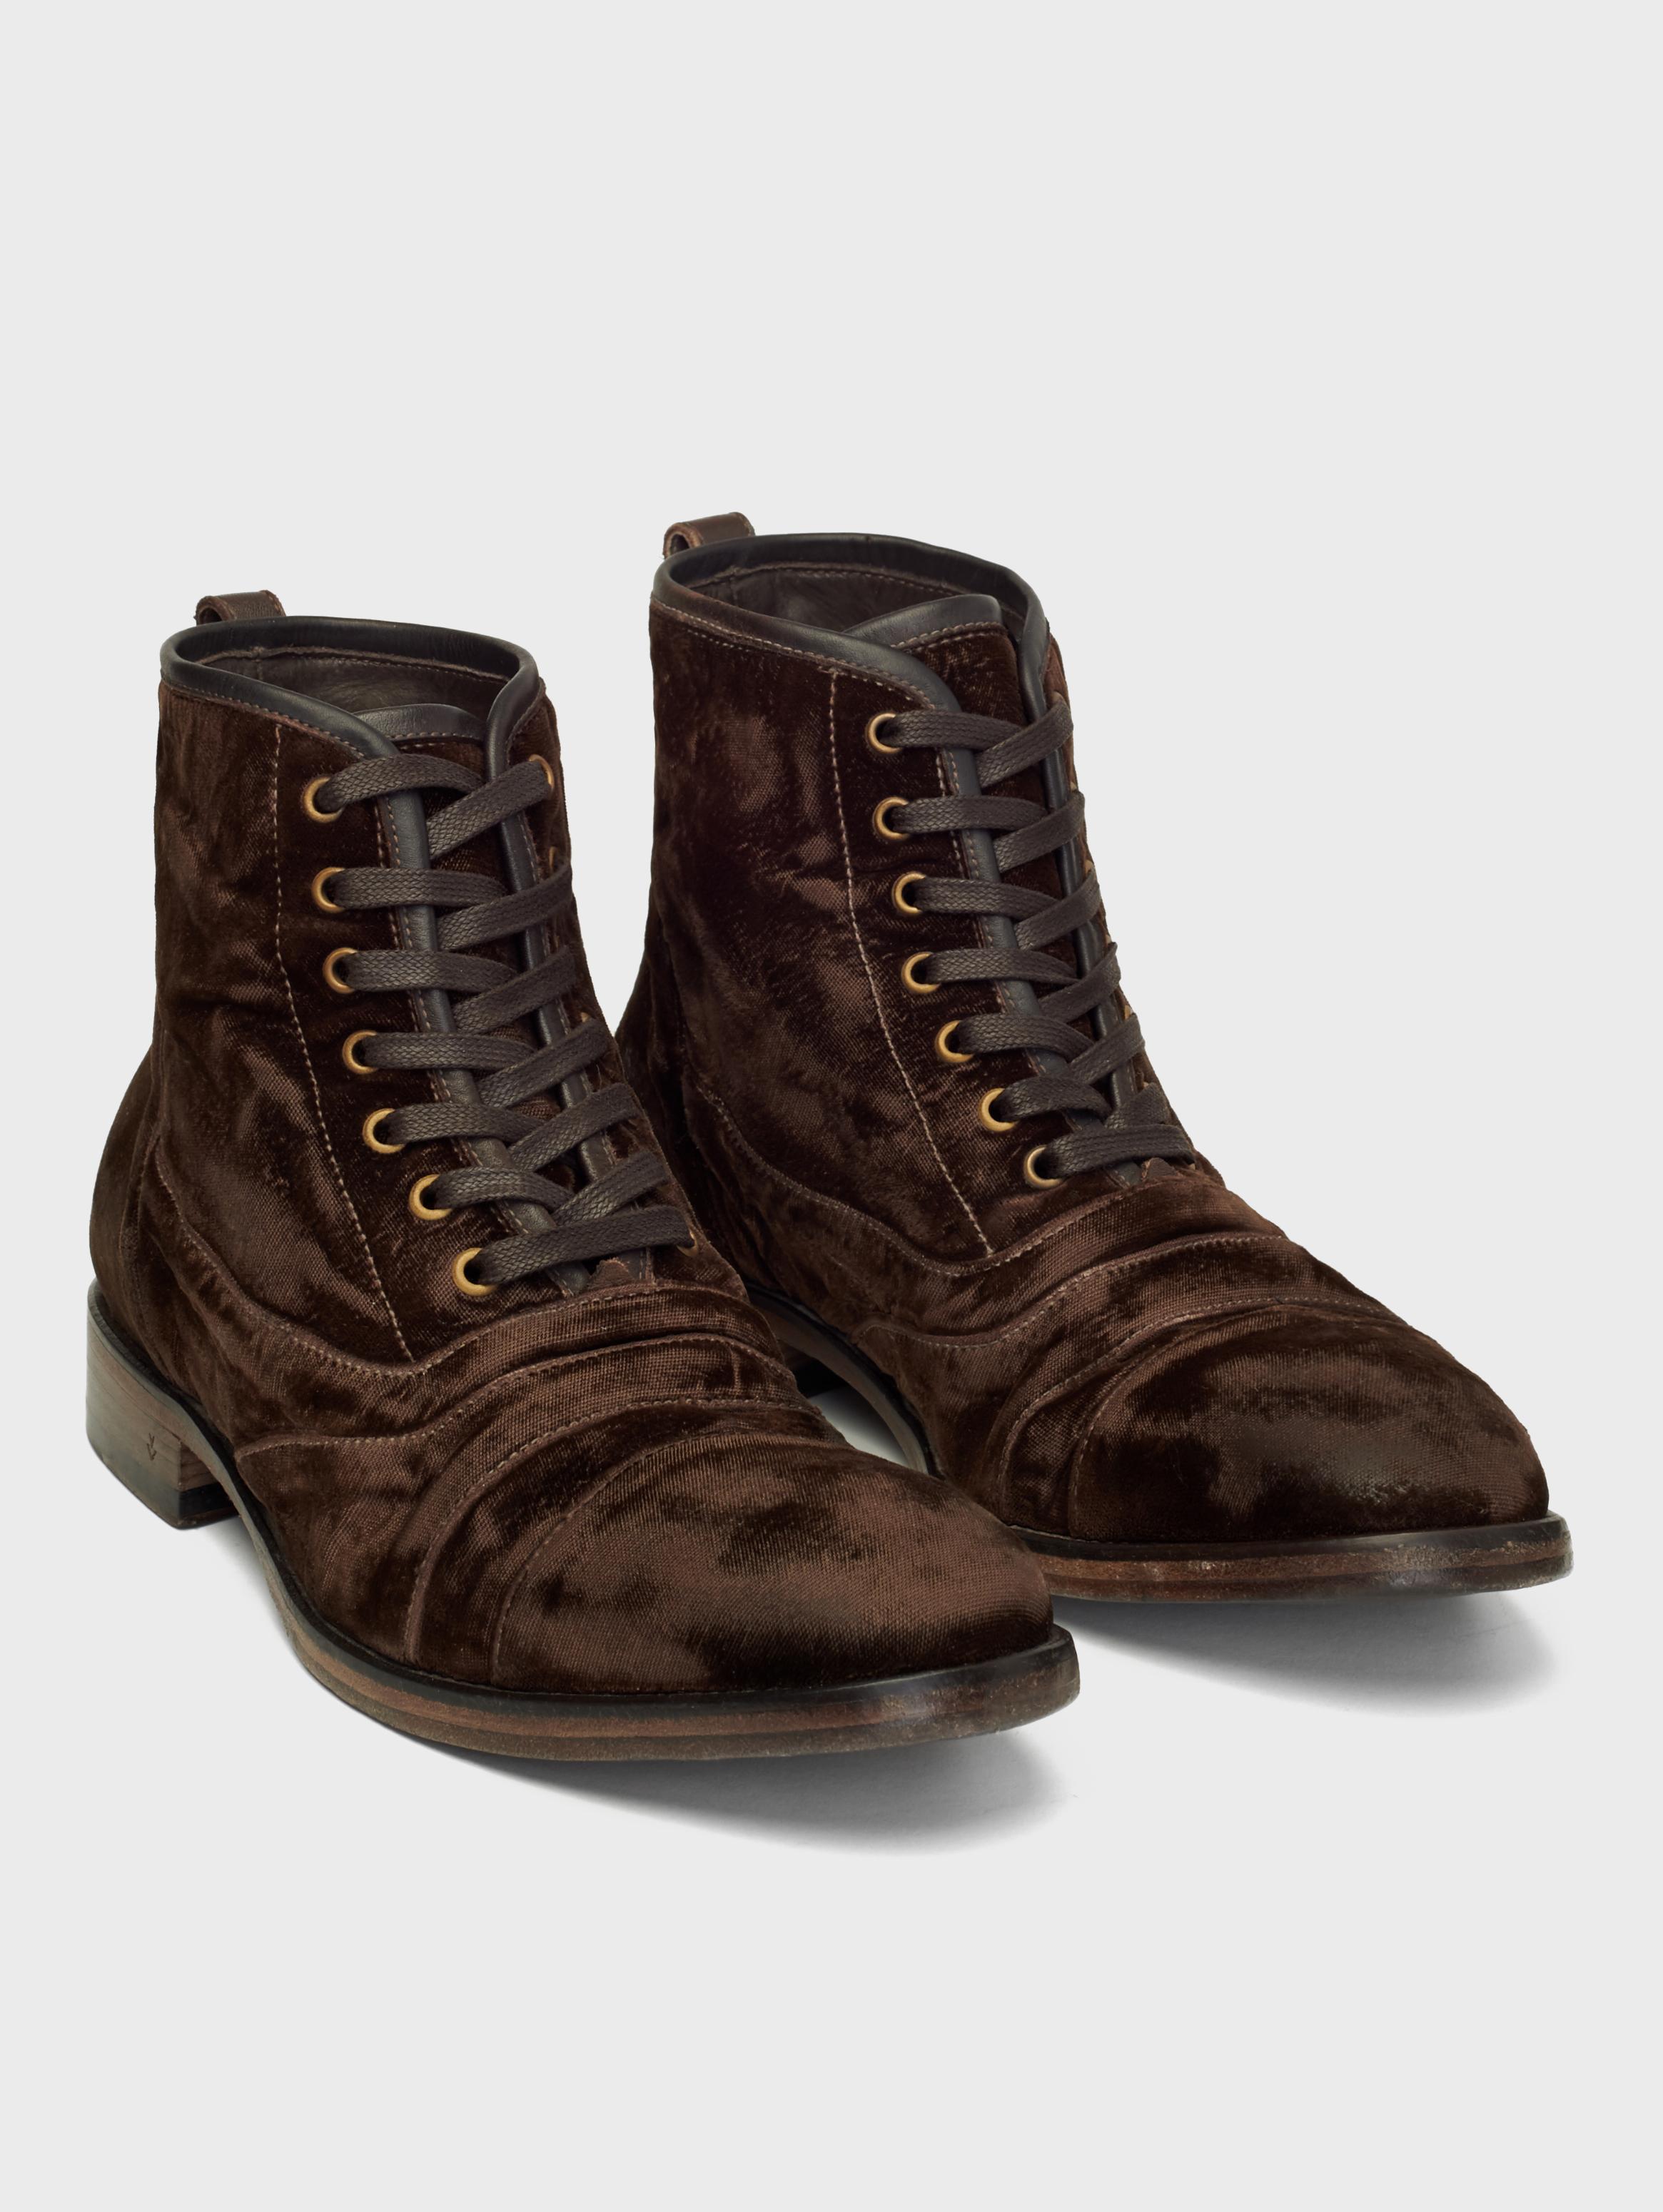 John Varvatos Fleetwood Lace Boots Chocolate